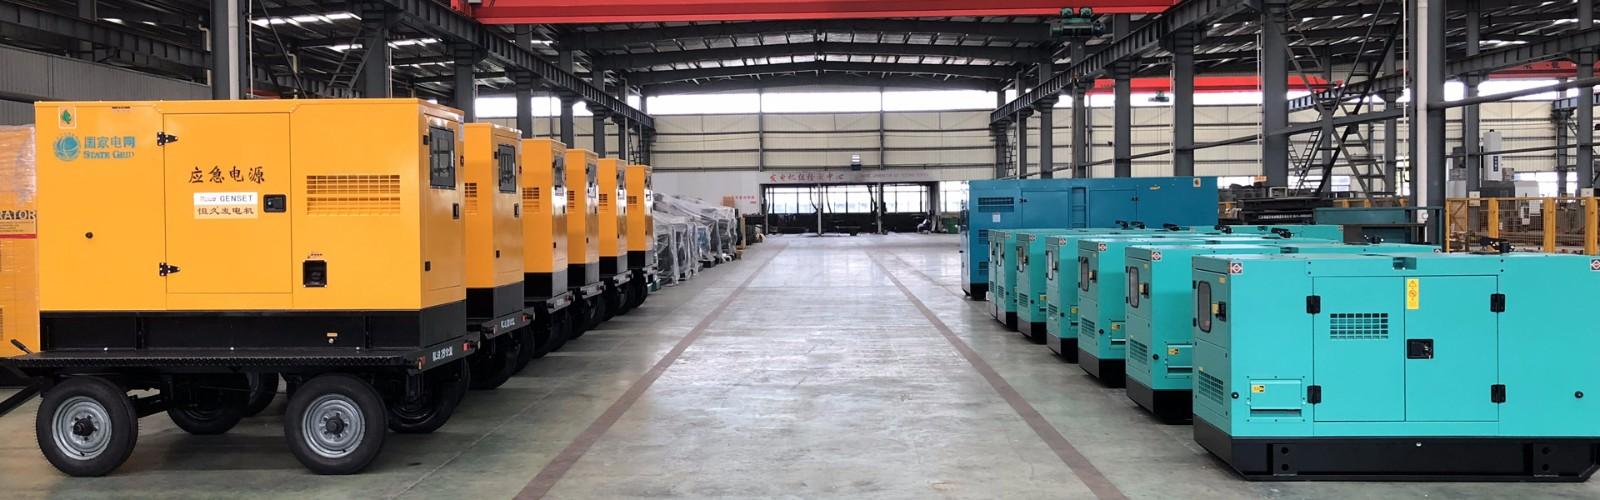 Jiangsu Hengtong Generator Manufacture Co., Ltd